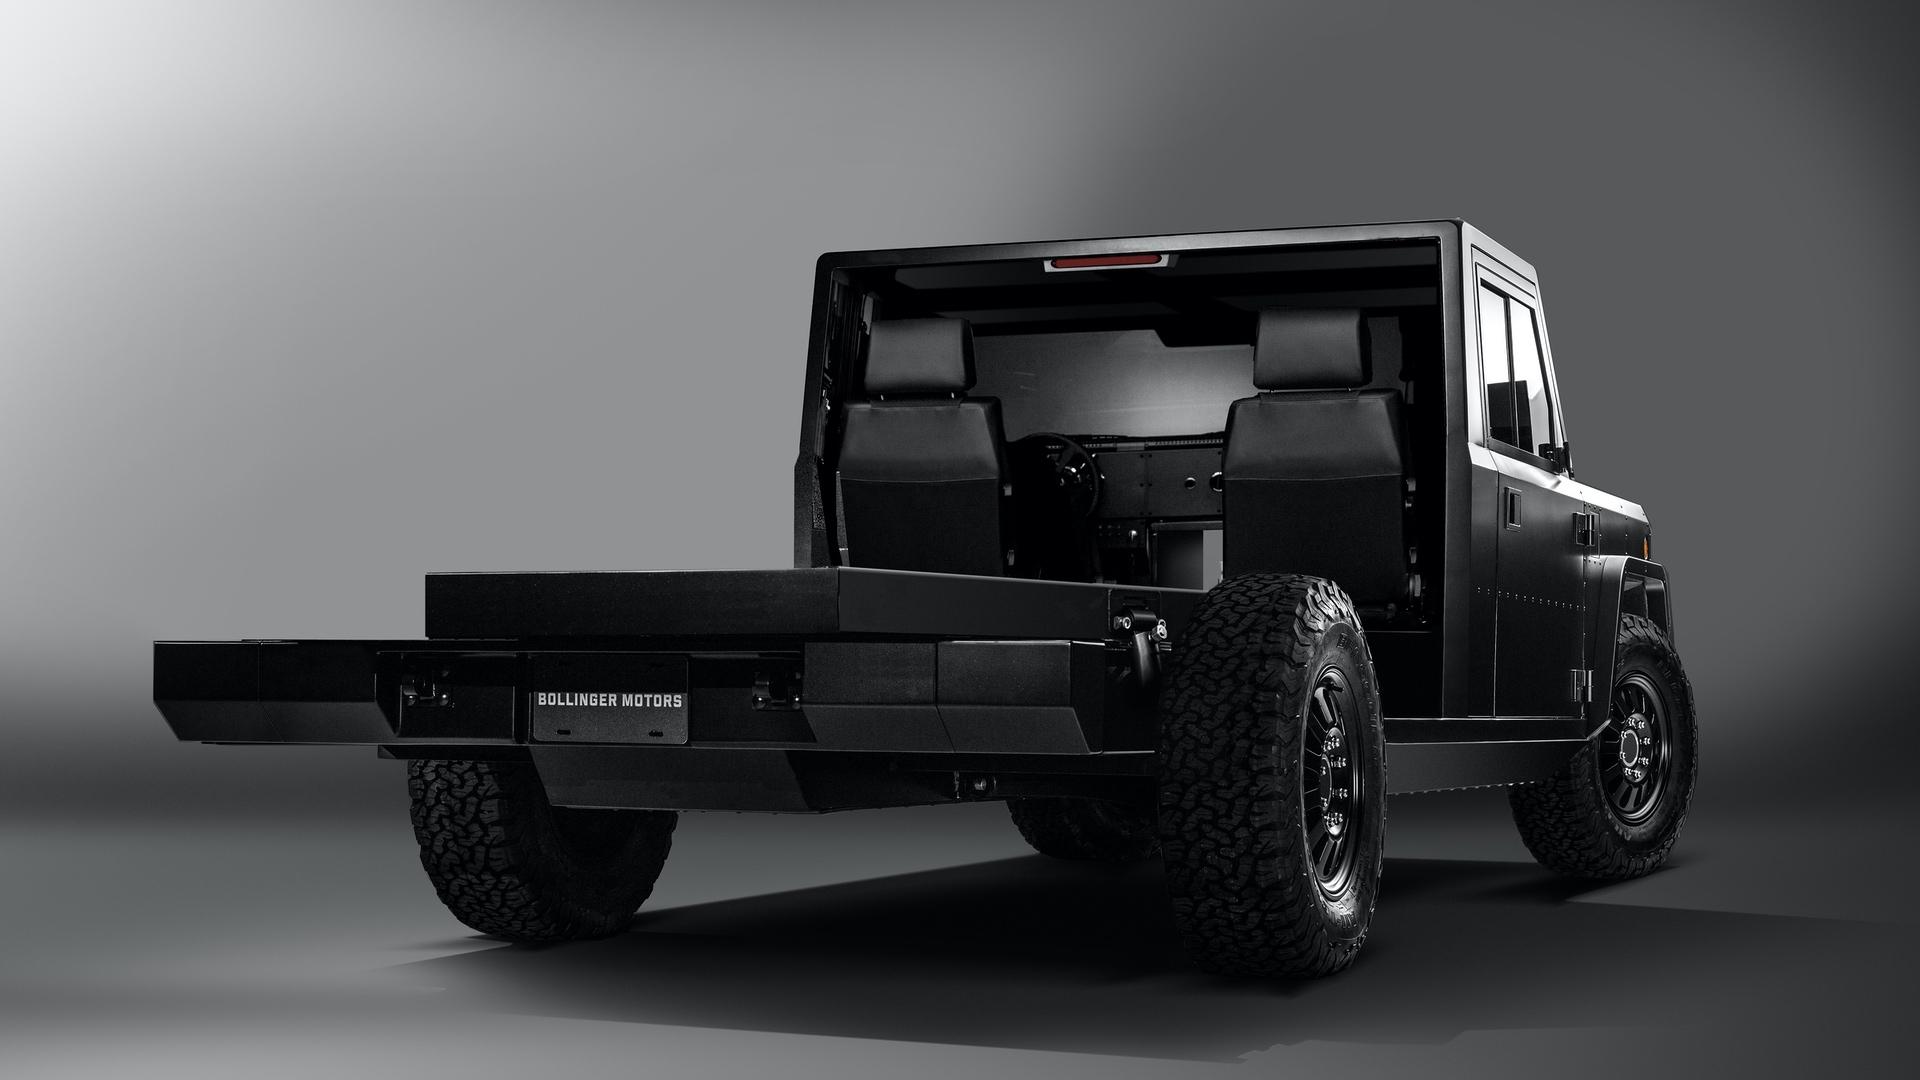 Bollinger-Motors-B2-Chassis-Cab-2-Door-Open-7_8-rear